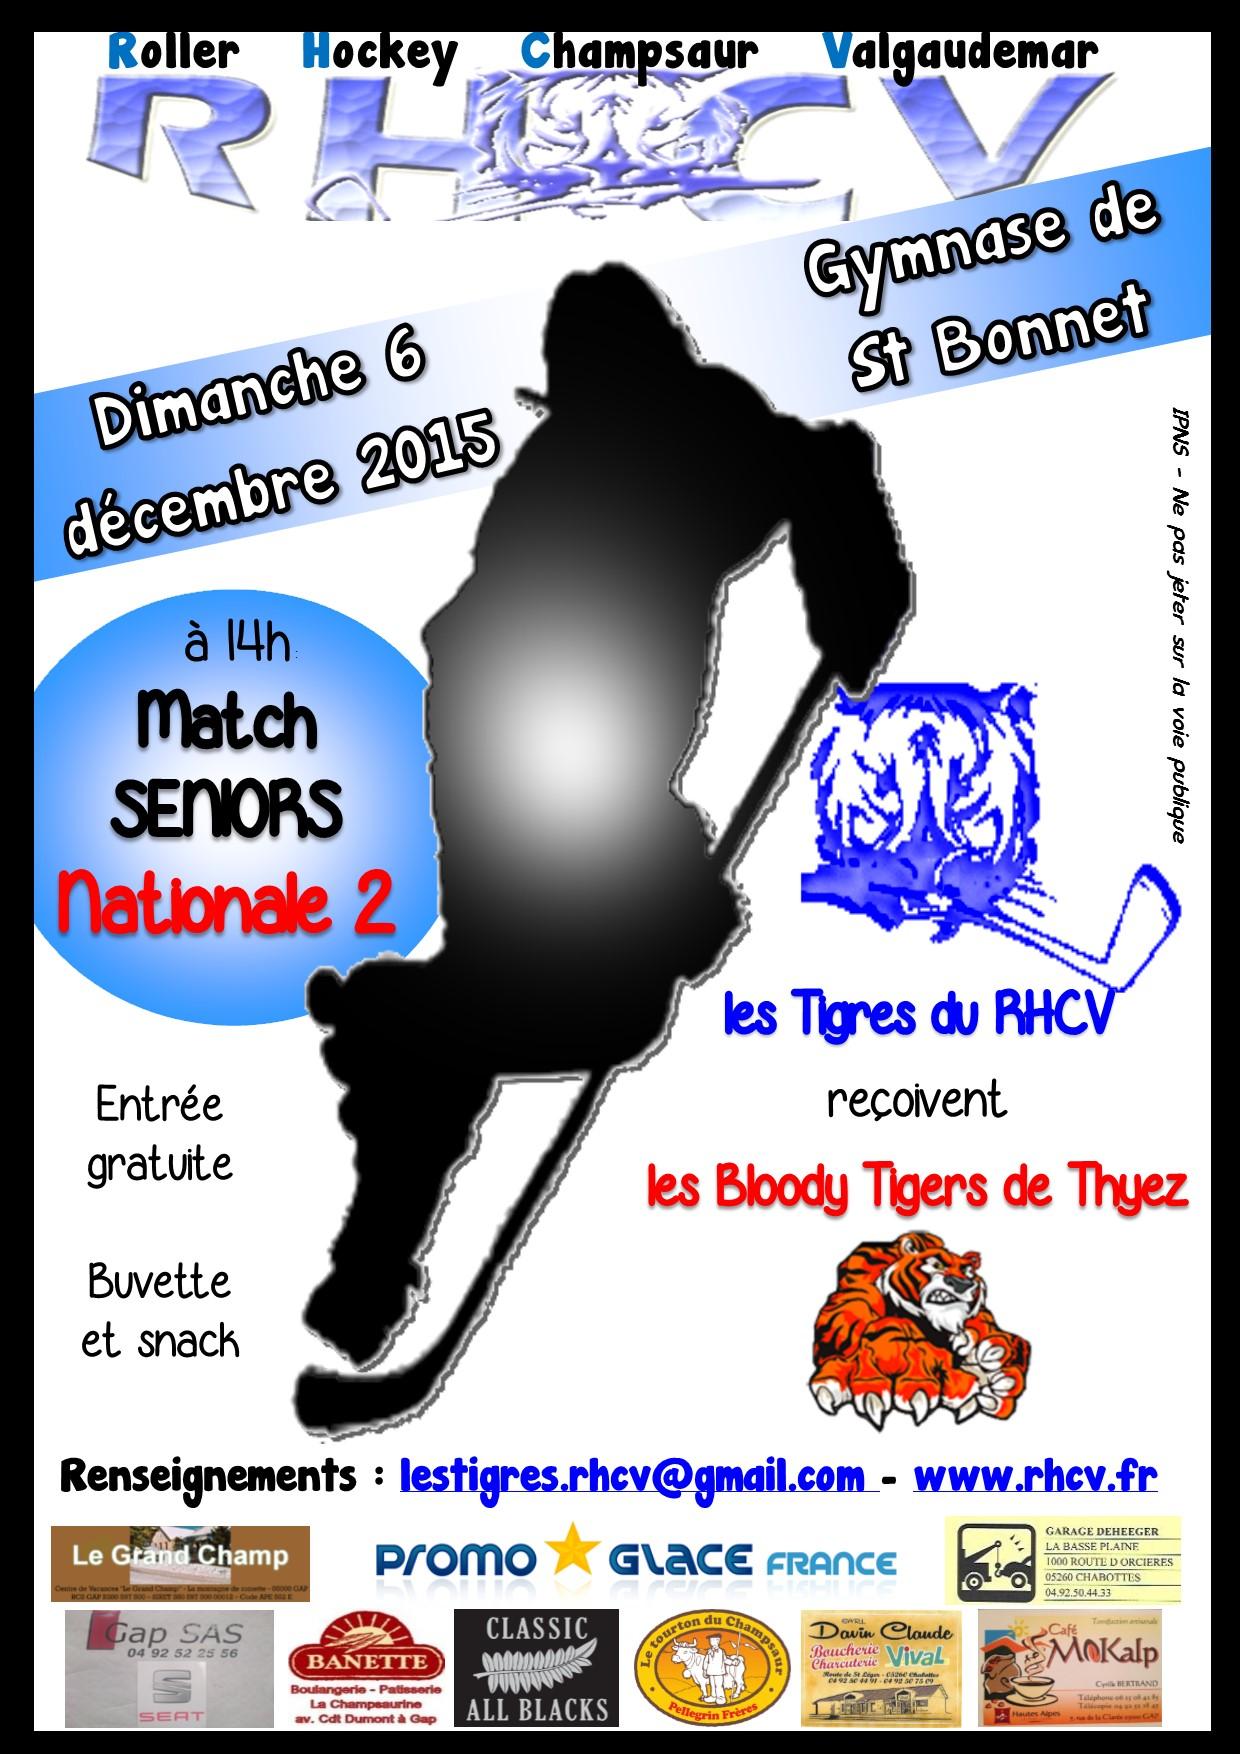 N2 - Thyez 6 décembre